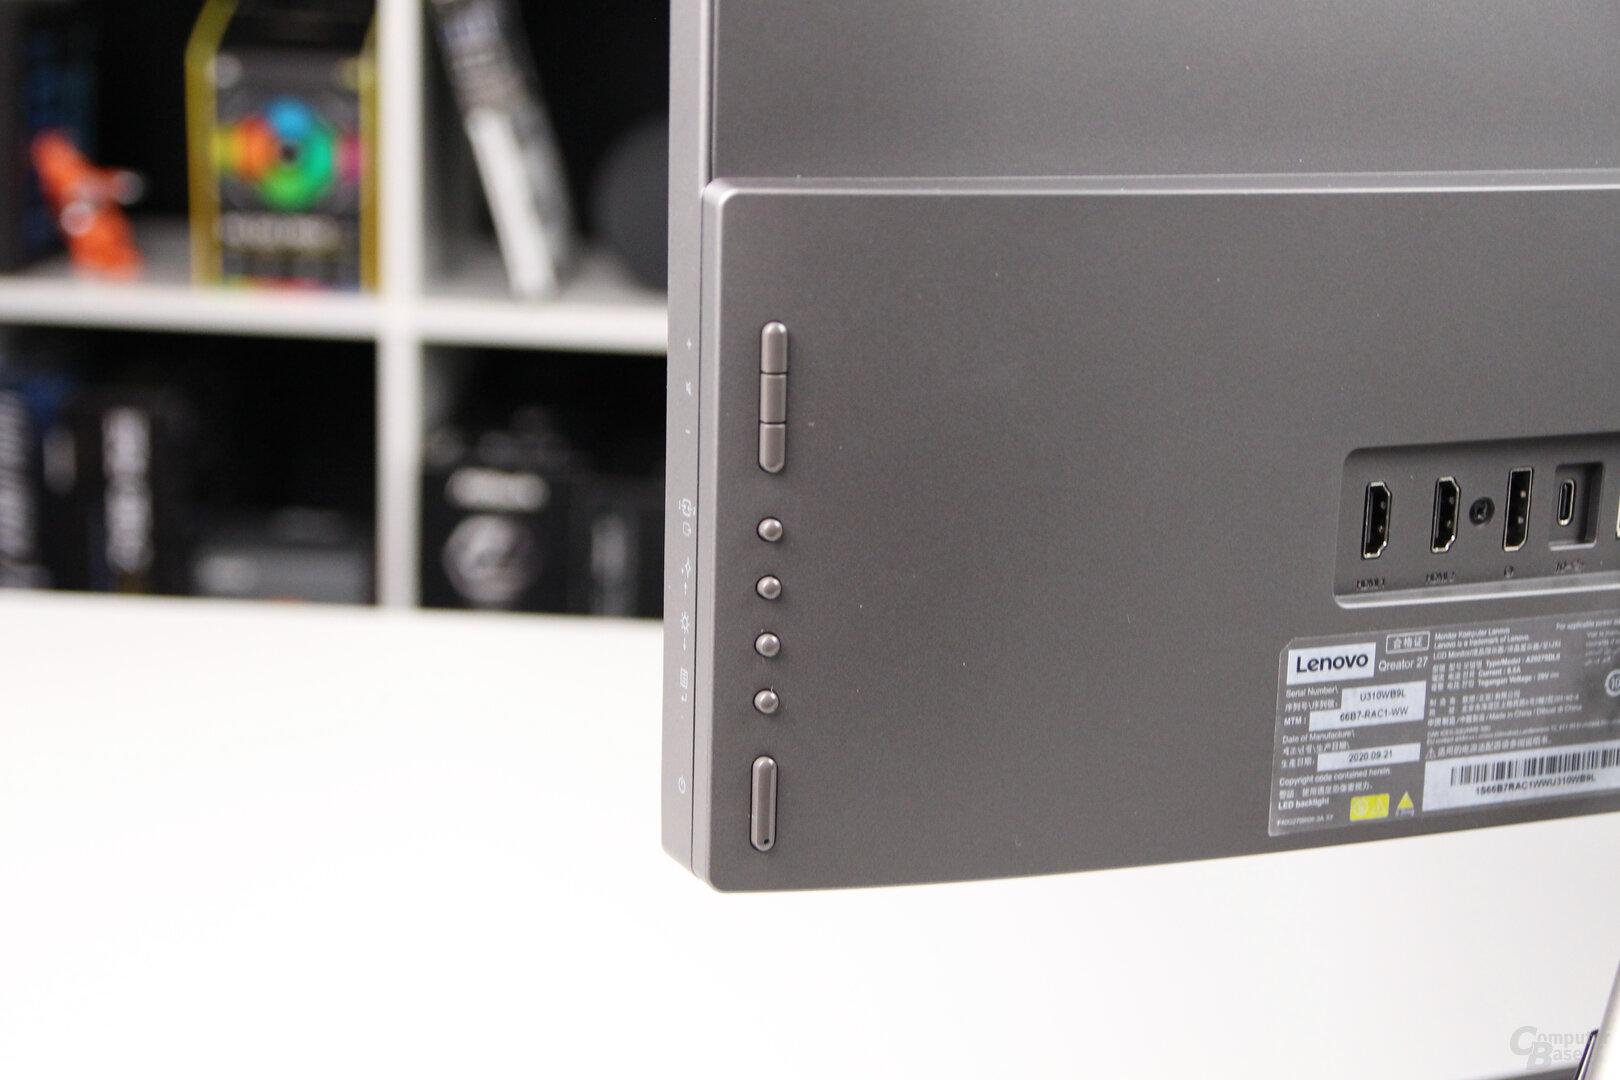 Lenovo Qreator 27: Tasten für das OSD